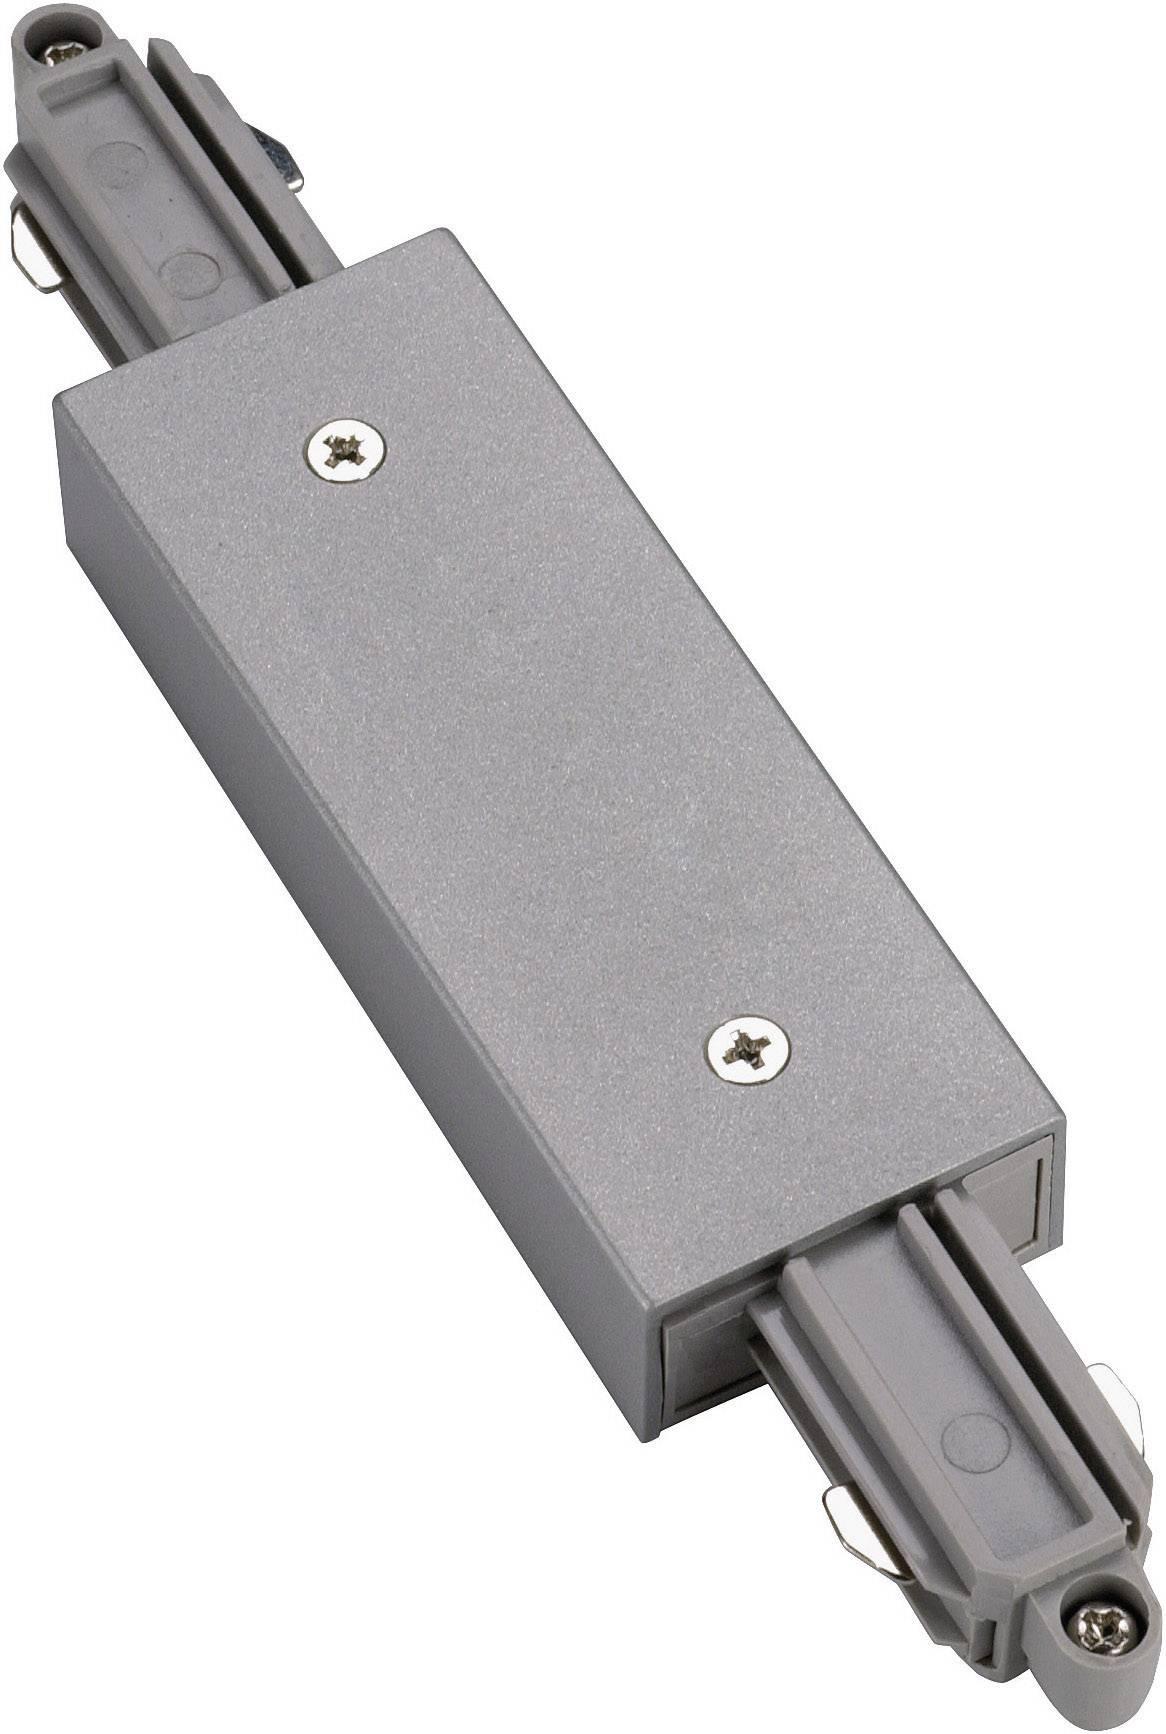 Podélná spojka SLV pro 1fázový HV kolejnicový systém 143102, 230 V, stříbrná